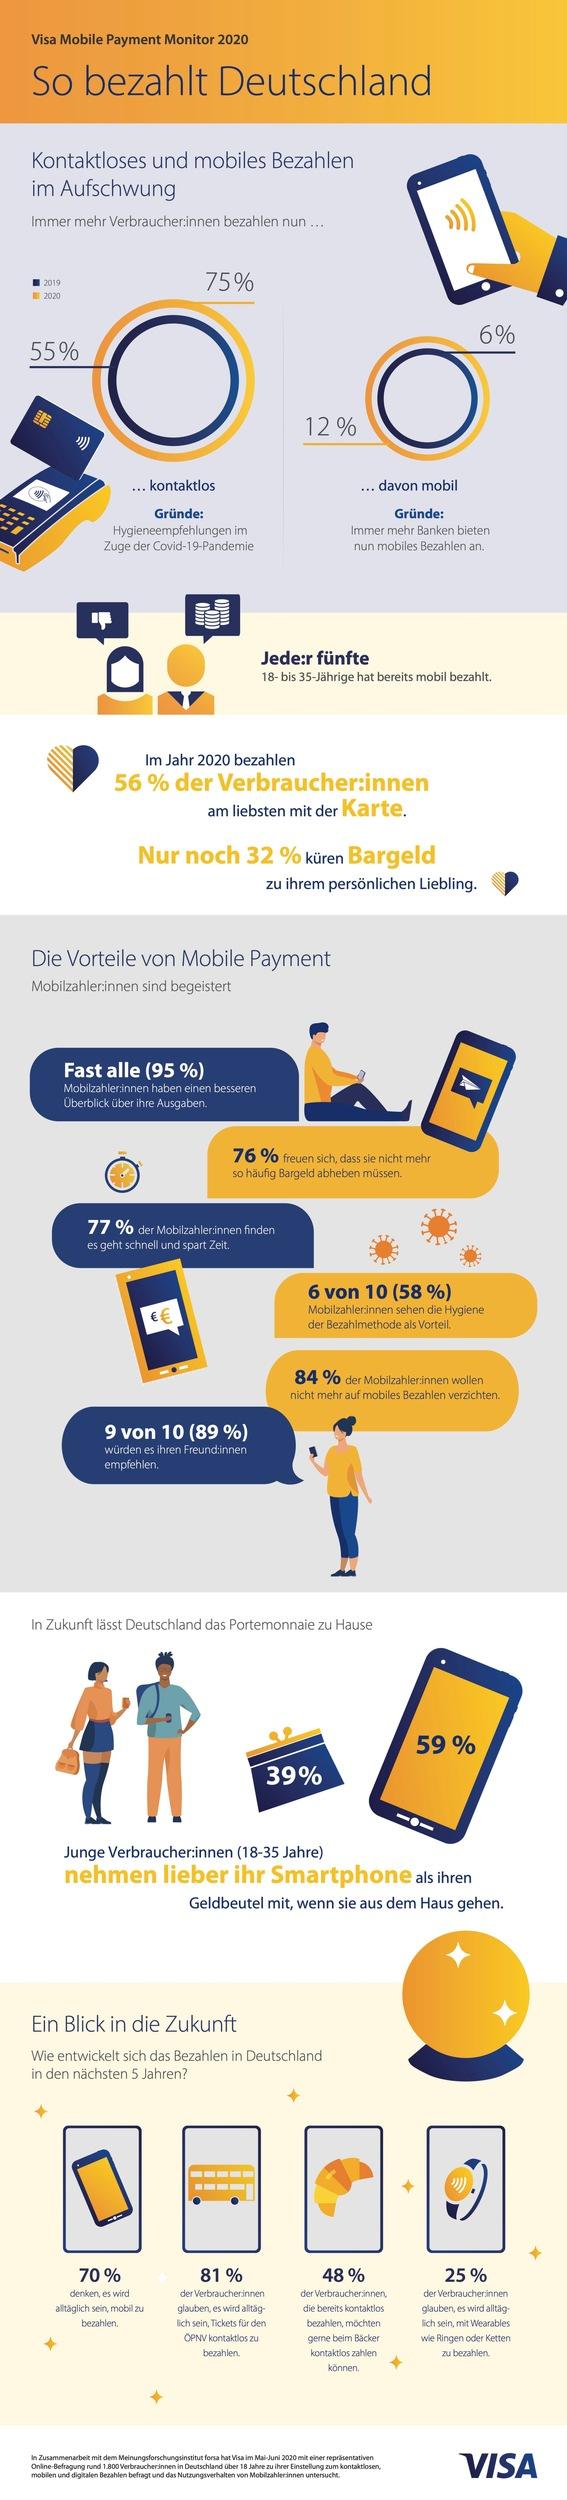 Infografik_Visa Mobile Payment Monitor 2020: Kontaktloses und mobiles Bezahlen im Aufschwung. Weiterer Text über ots und www.presseportal.de/nr/121160 / Die Verwendung dieses Bildes ist für redaktionelle Zwecke honorarfrei. Veröffentlichung bitte unter Quellenangabe: